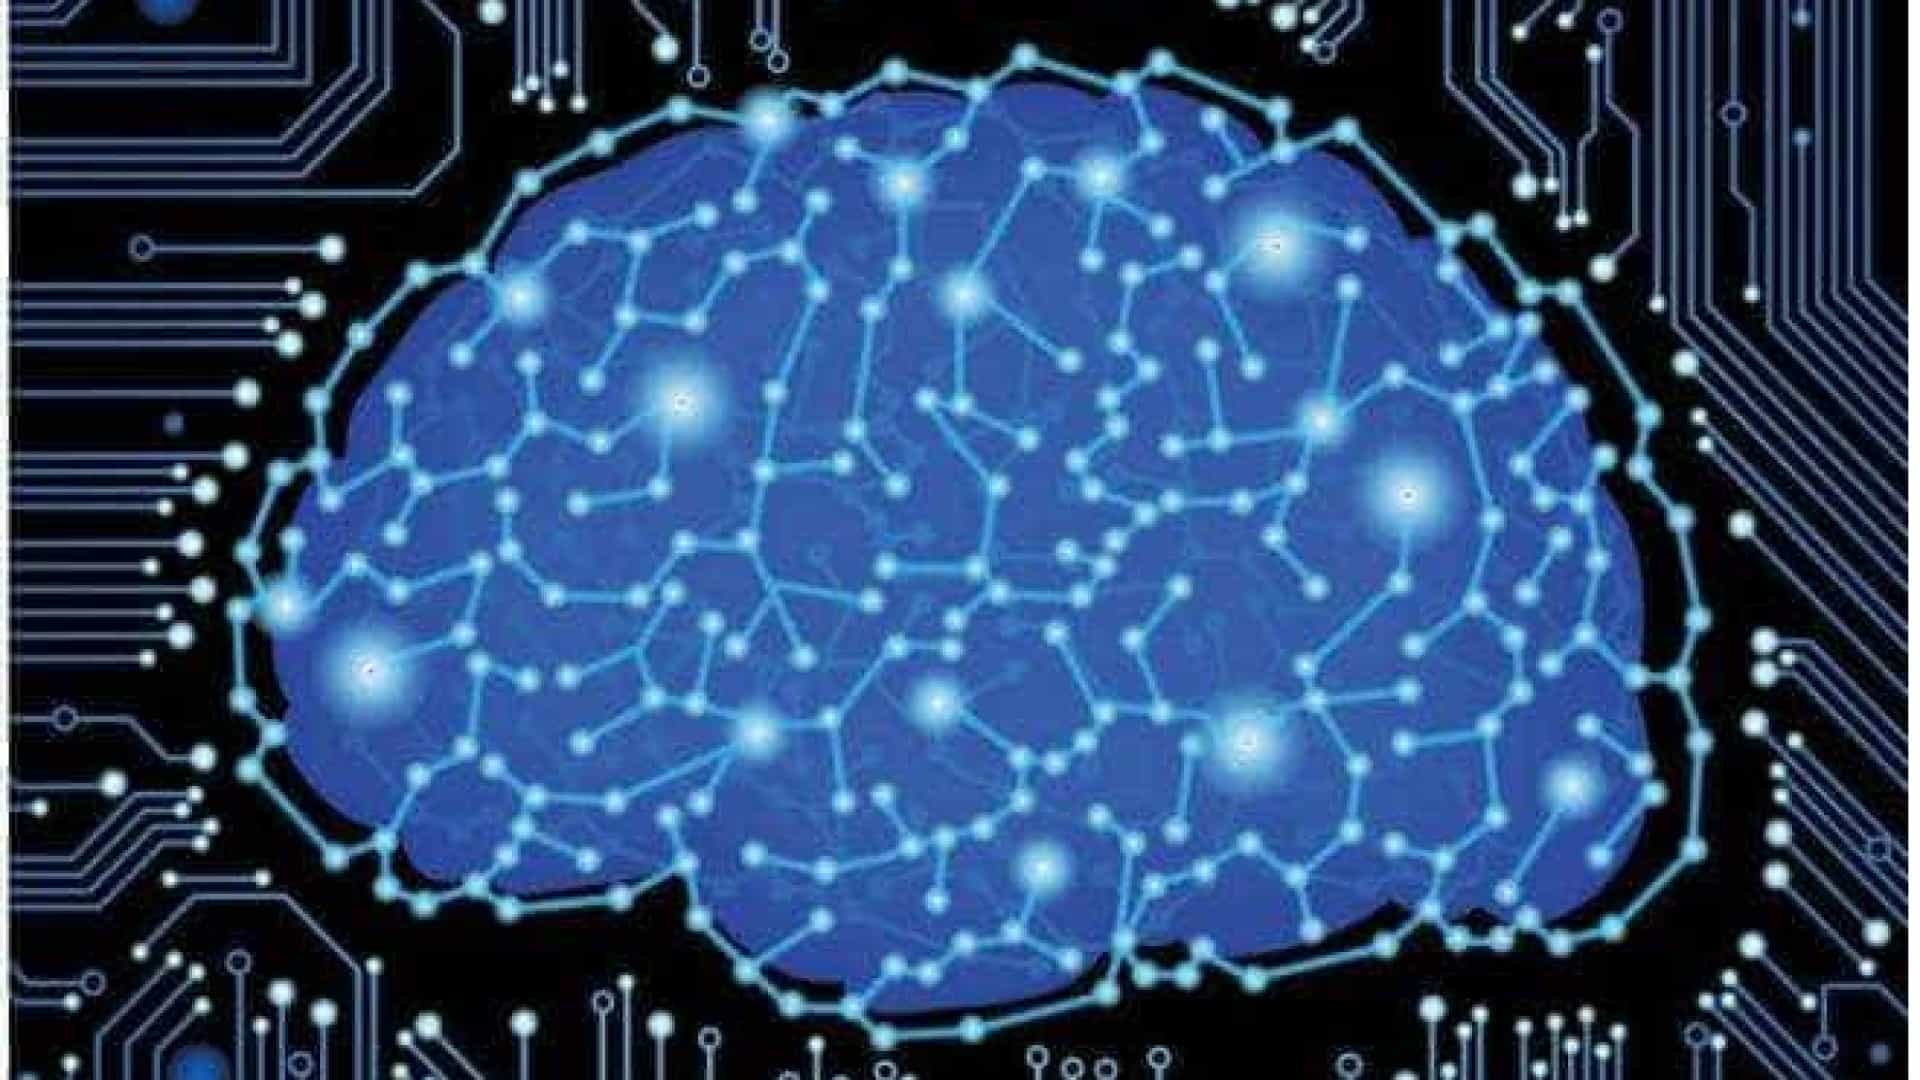 Máquinas desenvolvem seus próprios métodos de criptografia